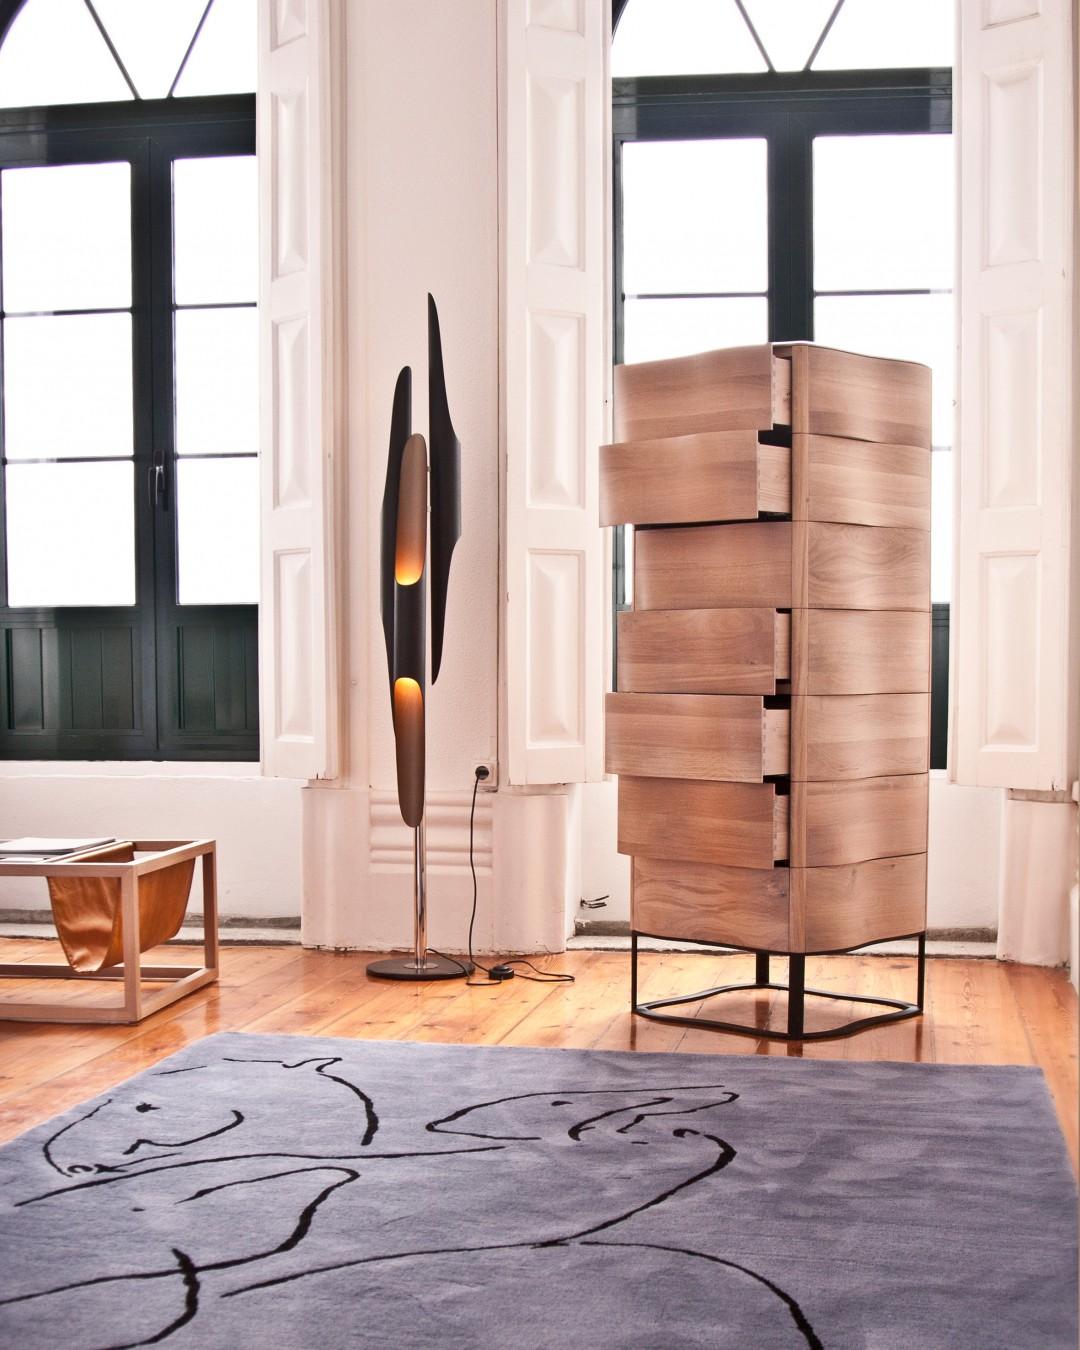 floor samples Floor Samples Gives You Matte Colored Floor Lamps! Floor Samples Gives You Matte Colored Floor Lamps3